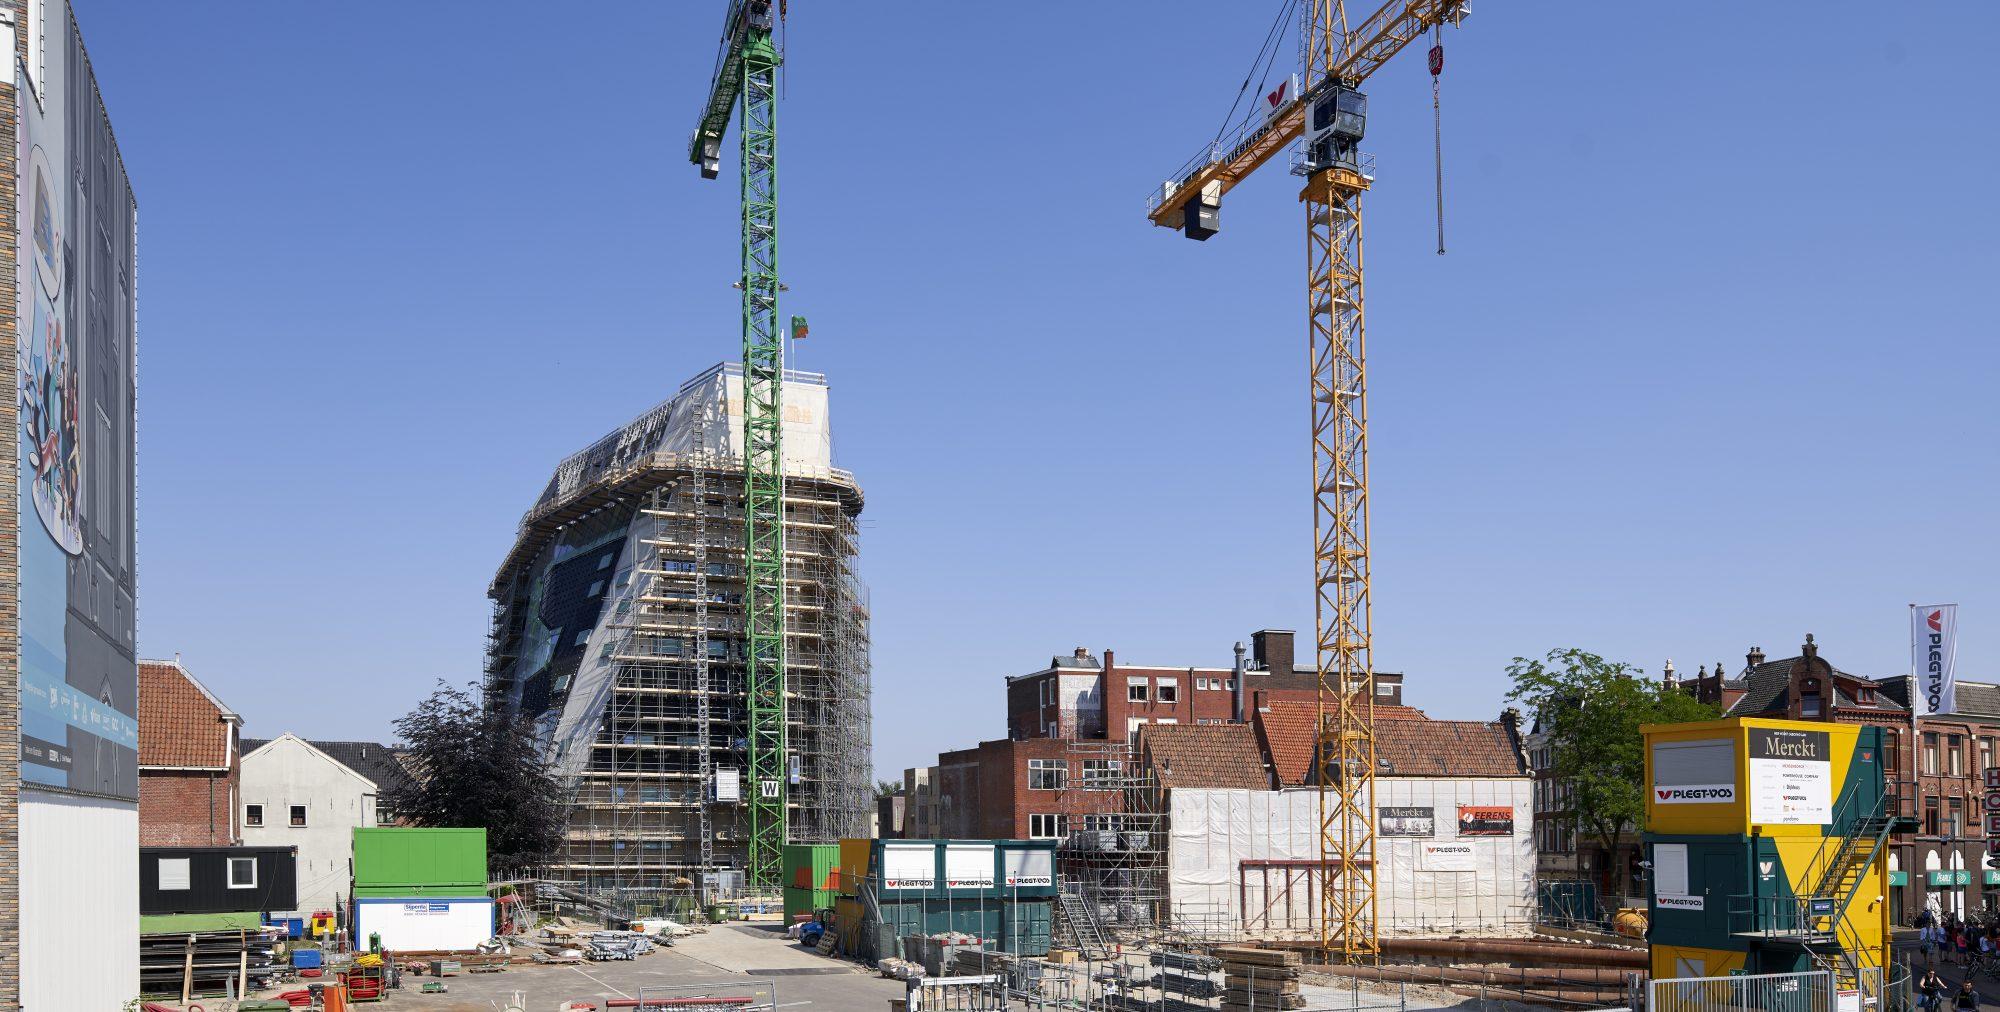 Voortgang bouw Merckt Groningen